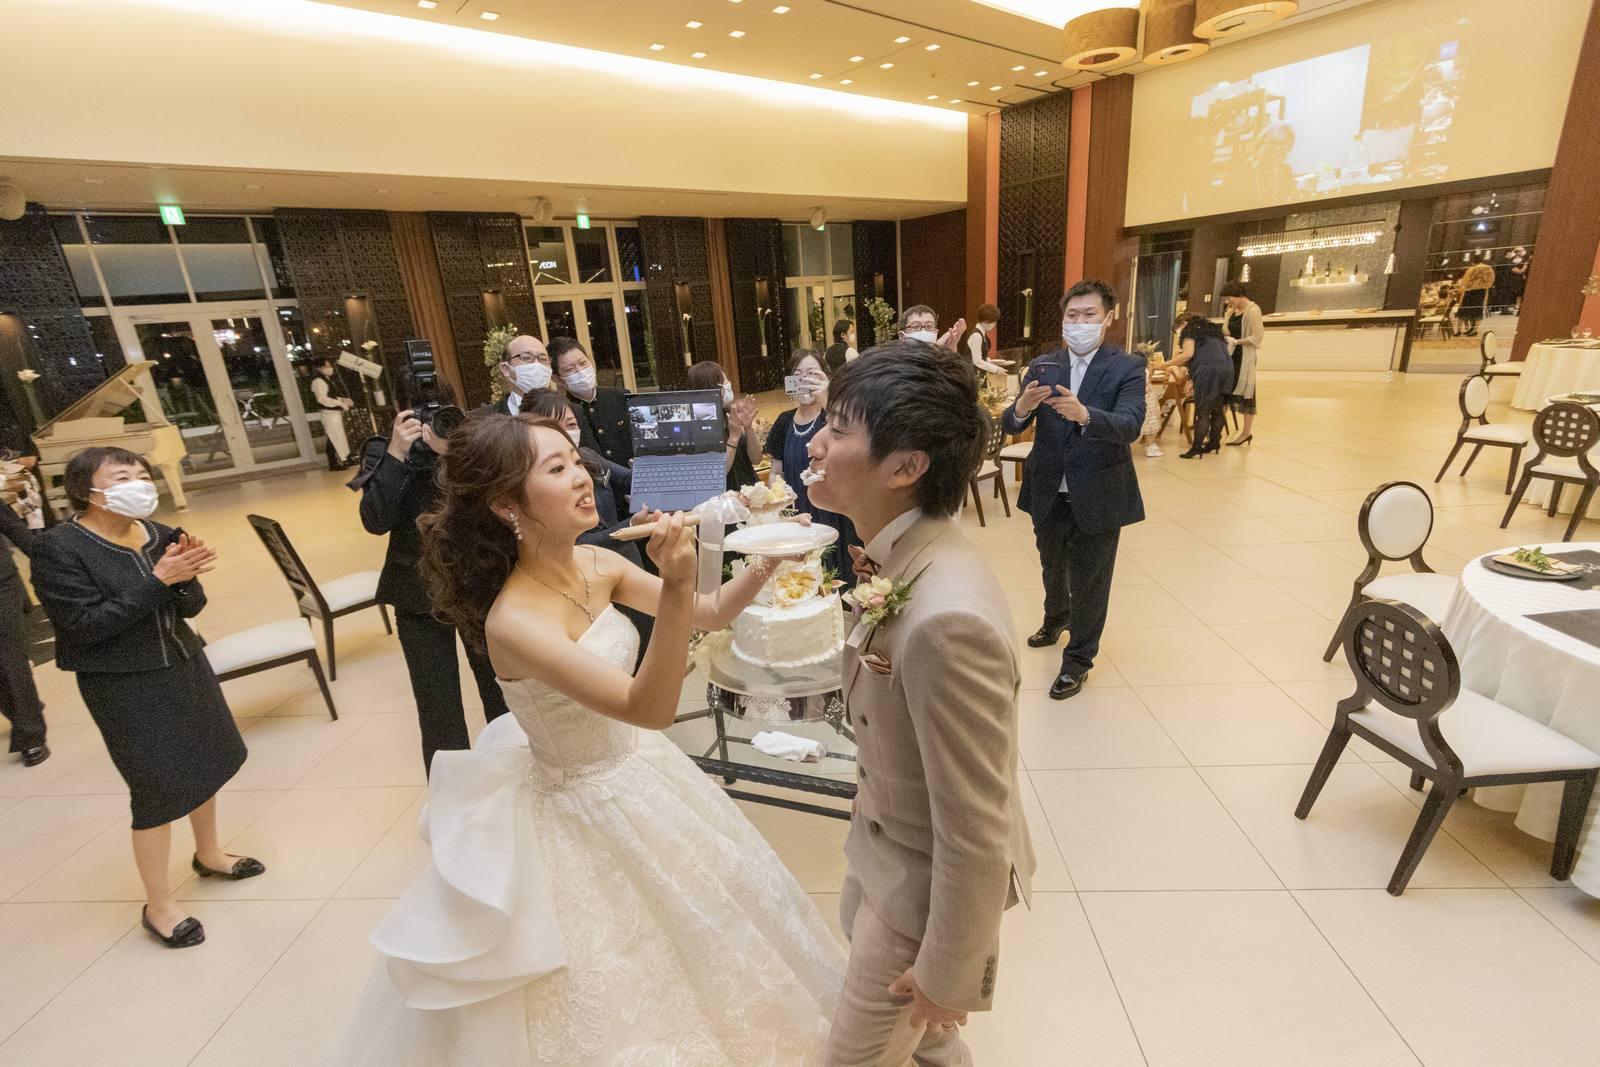 徳島県の結婚式場ブランアンジュでファーストバイトを行う新郎新婦